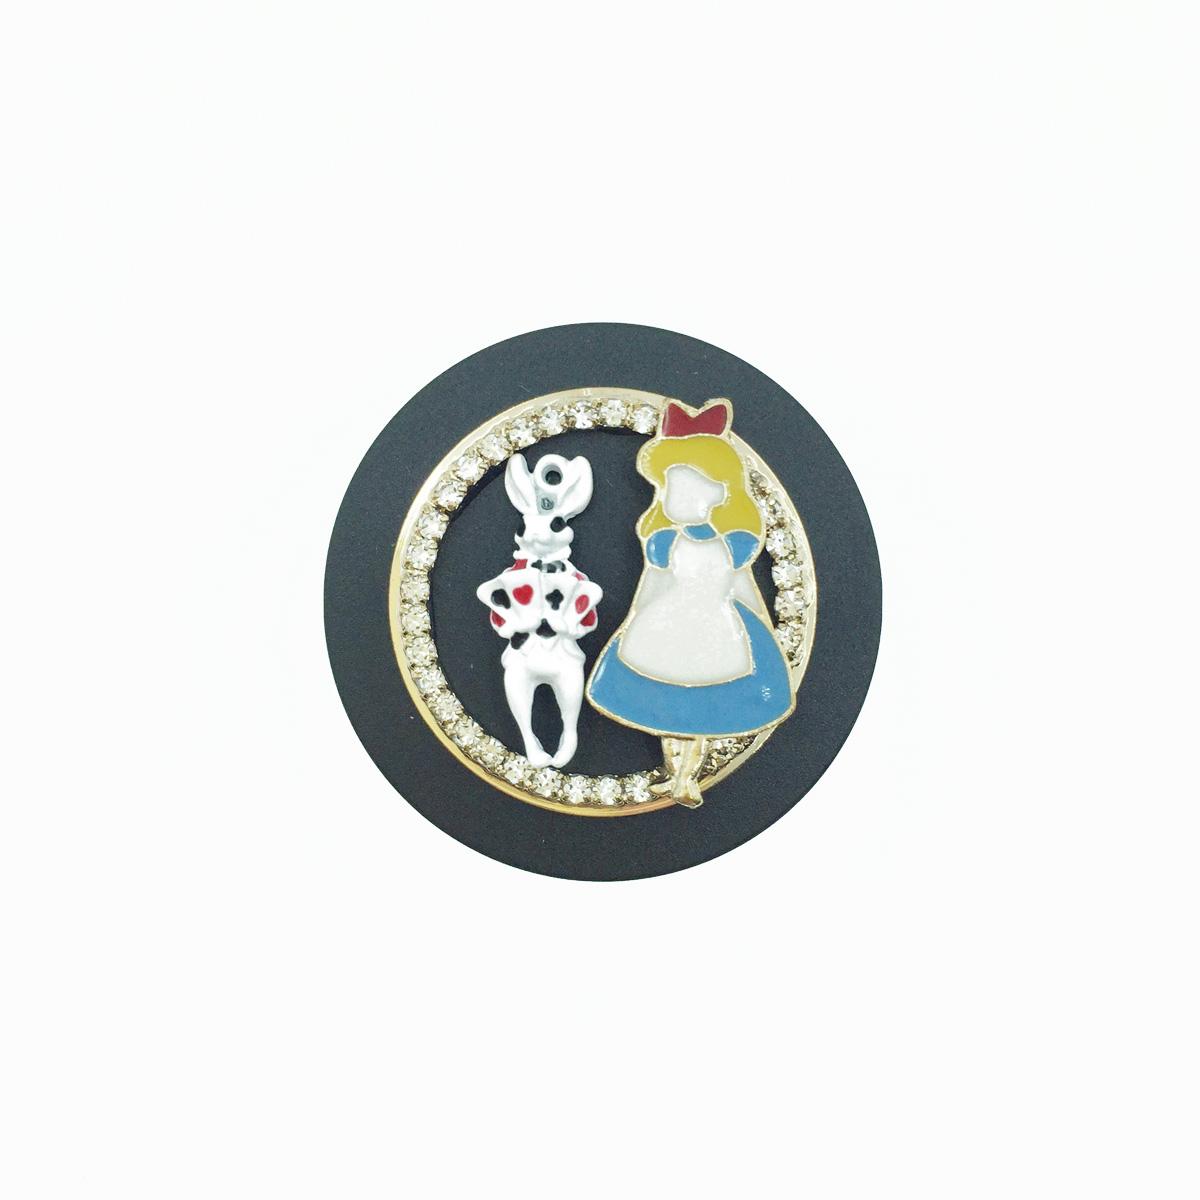 韓國 愛麗絲 Alice 夢遊仙境 撲克兔 水鑽 金邊 可愛 手機氣墊支架